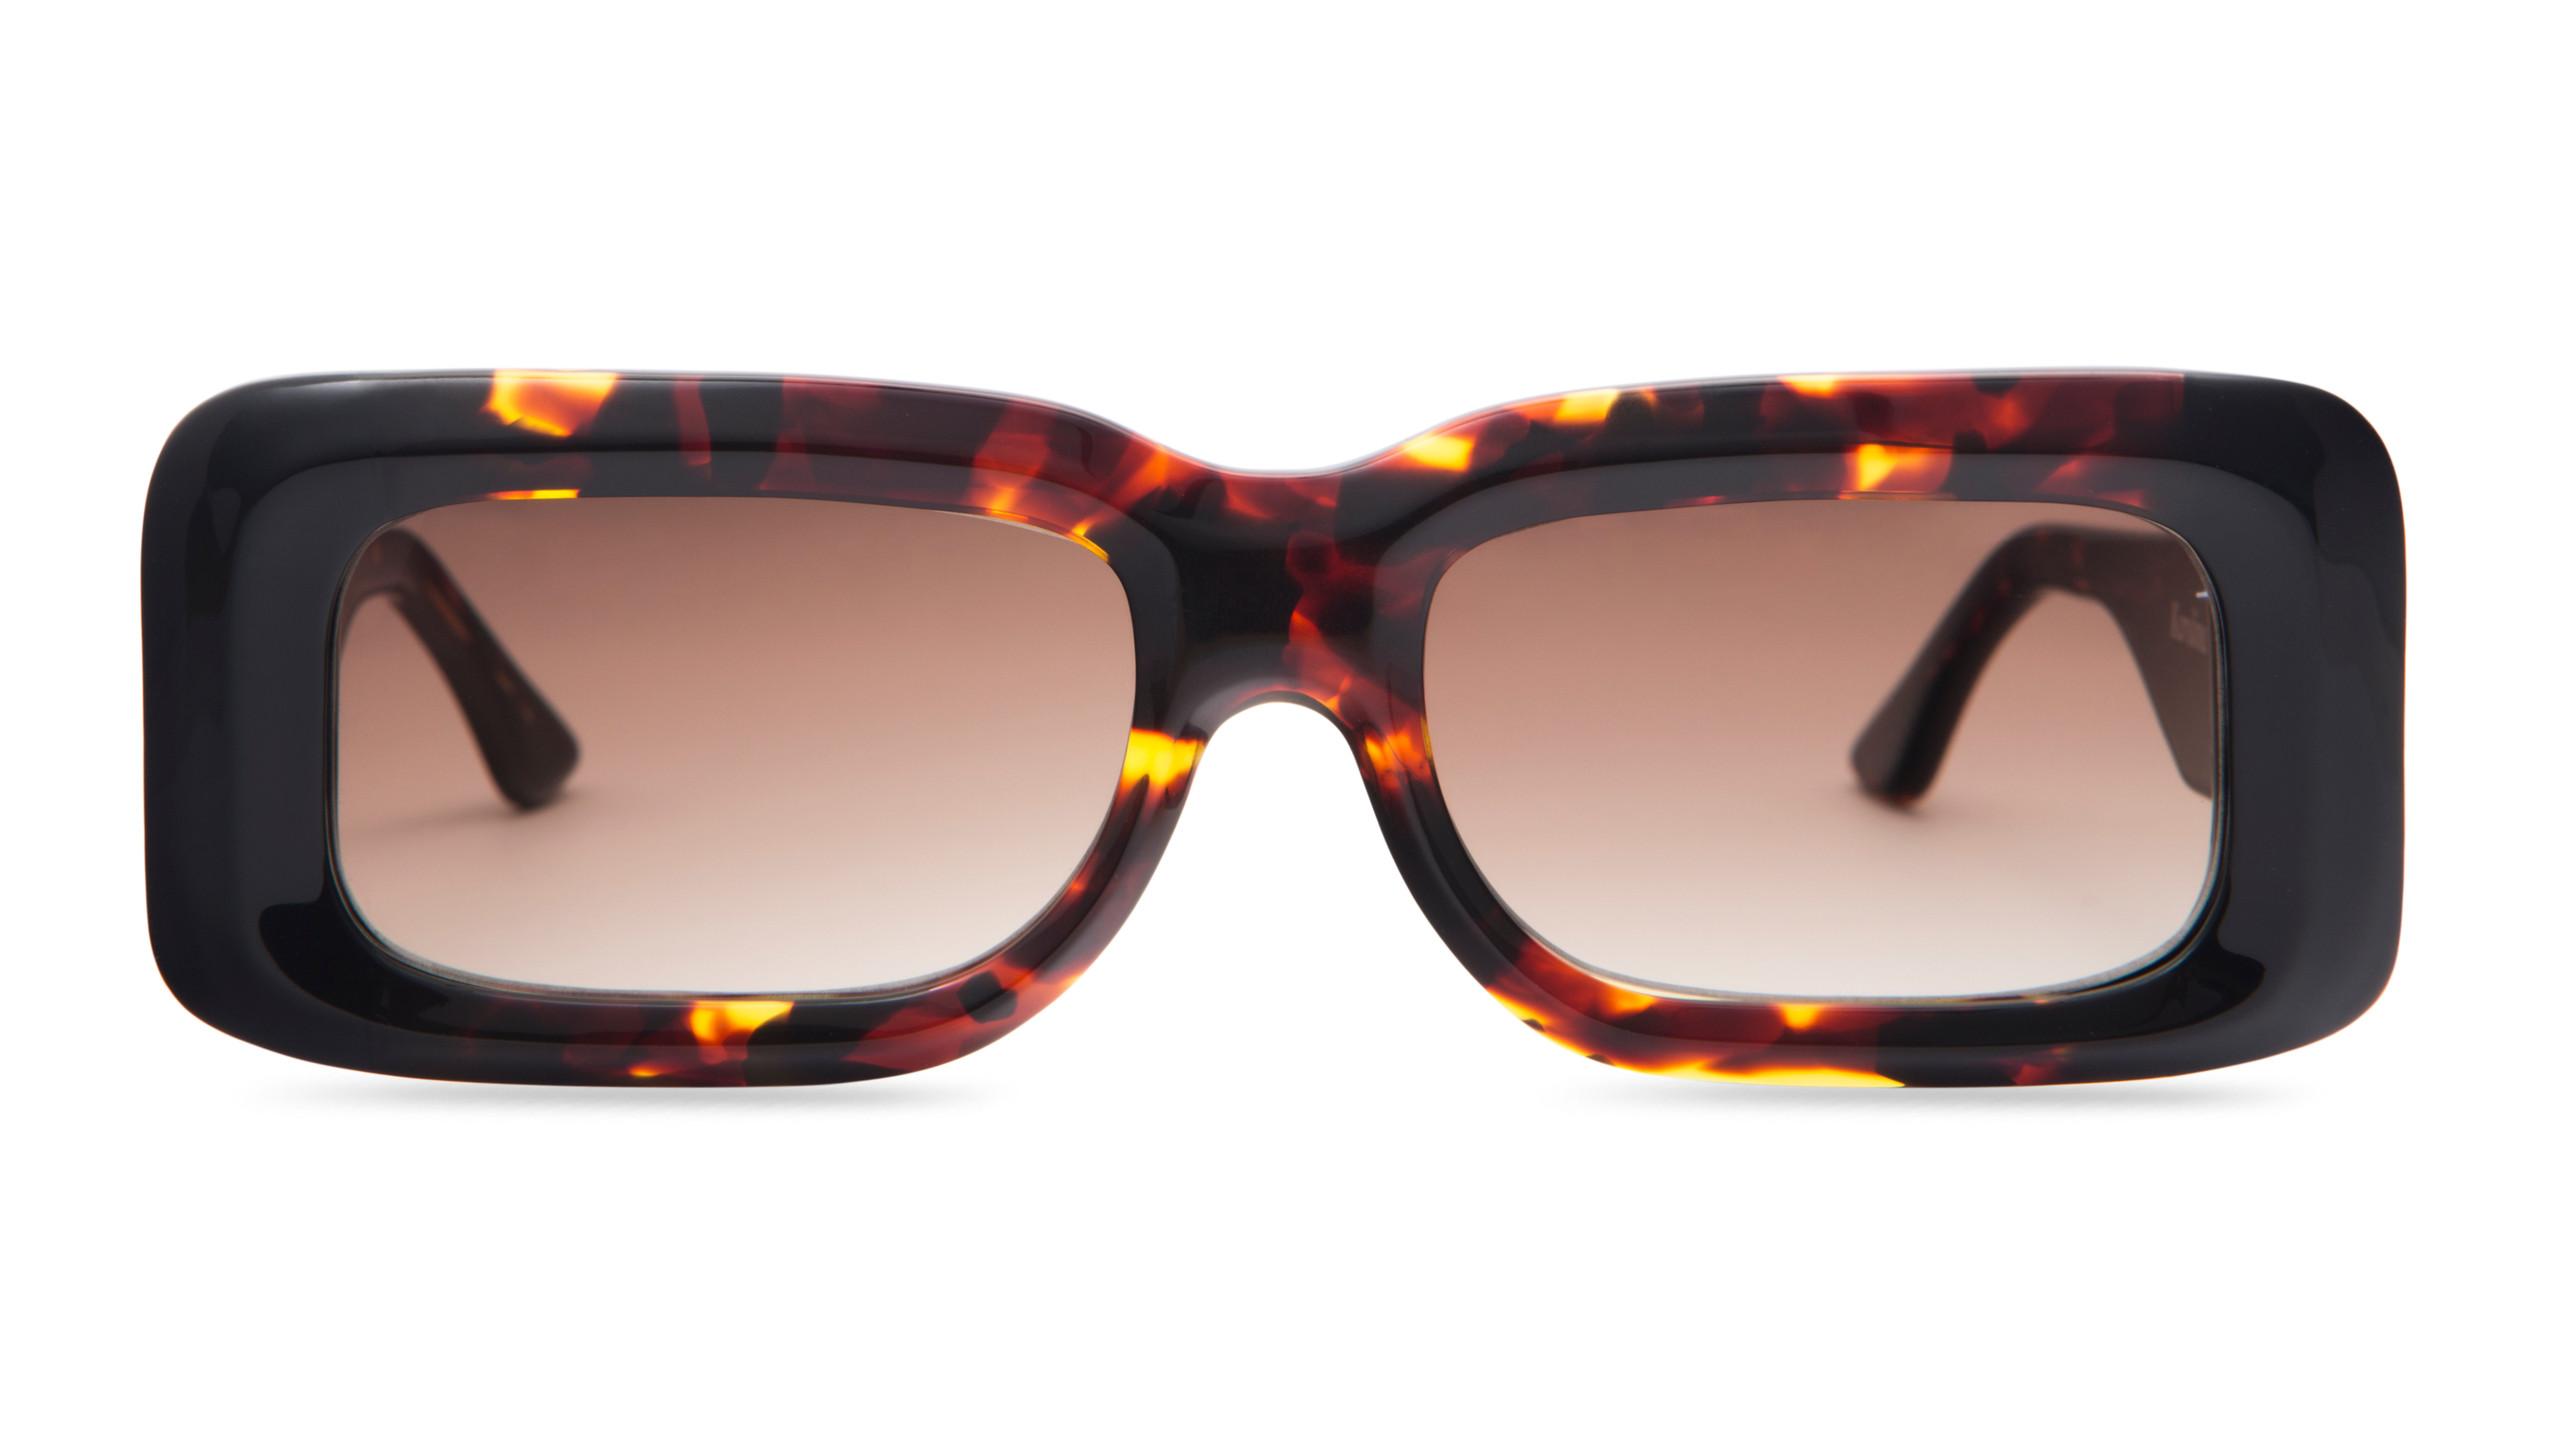 LIVO_Eyewear_Karolina_Solar- R$ 599,00